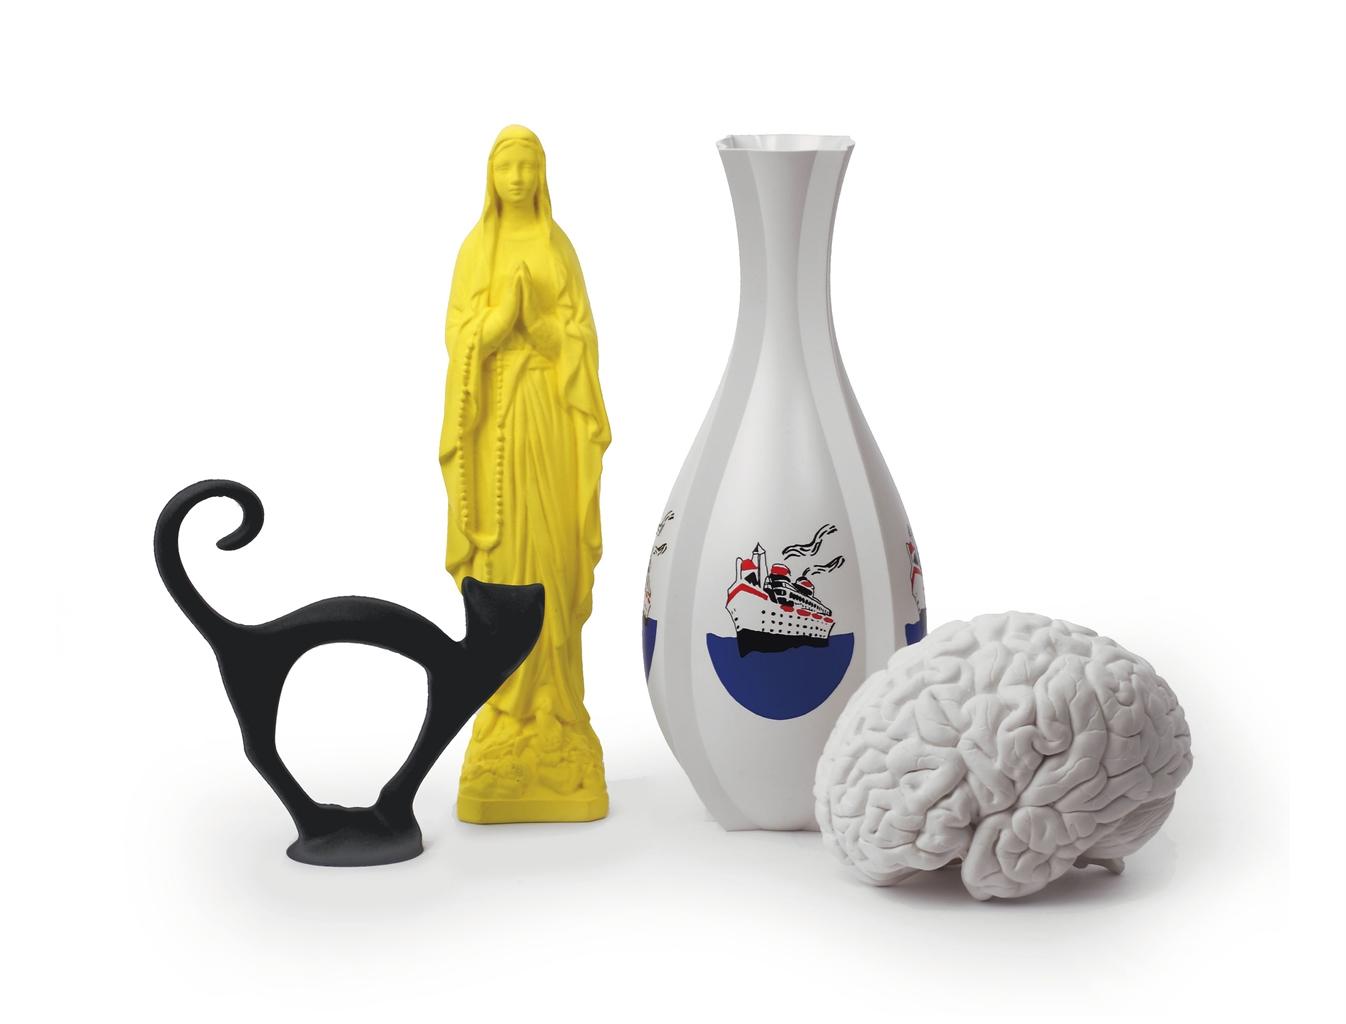 Katharina Fritsch-(i) Katze (Cat); (ii) Madonnenfigur (Madonna Figure); (iii) Gehirn (Brain); (iv) Vase Mit Schiff (Vase With Ship)-1989